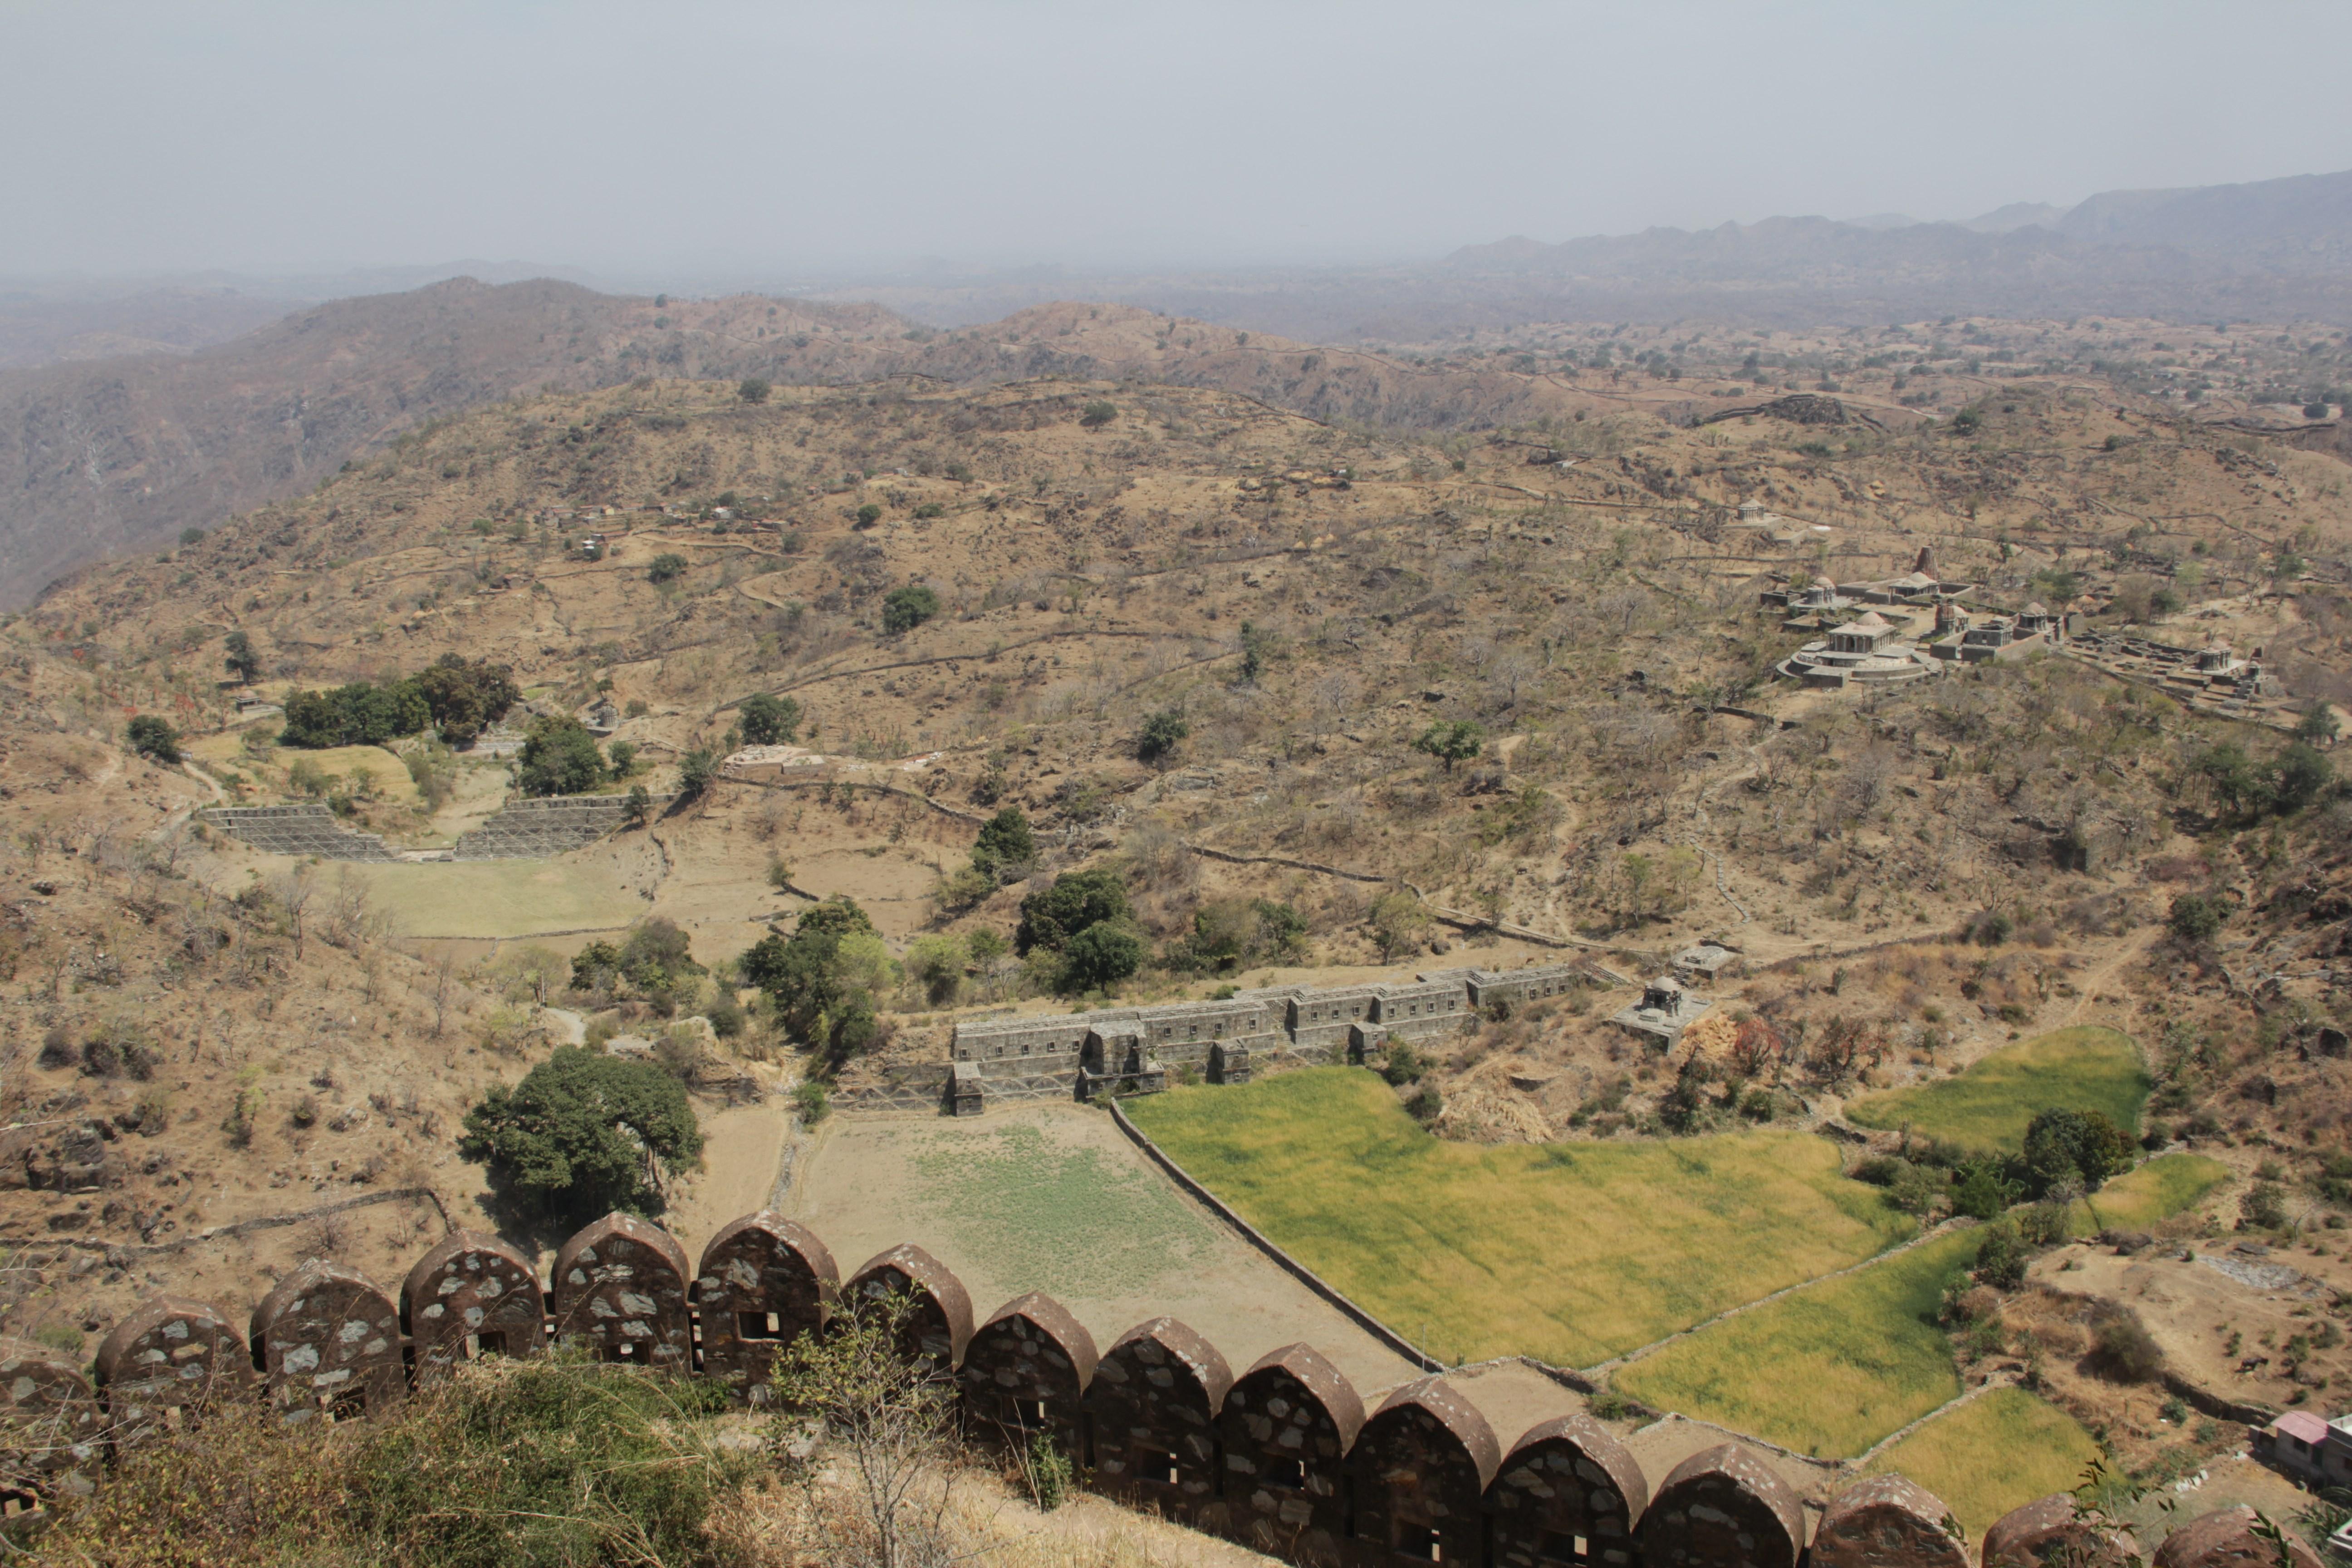 Le sommet du fort de Chittorgarh offre une vue splendide sur les paysages lunaires (© Aurélie Bacheley).